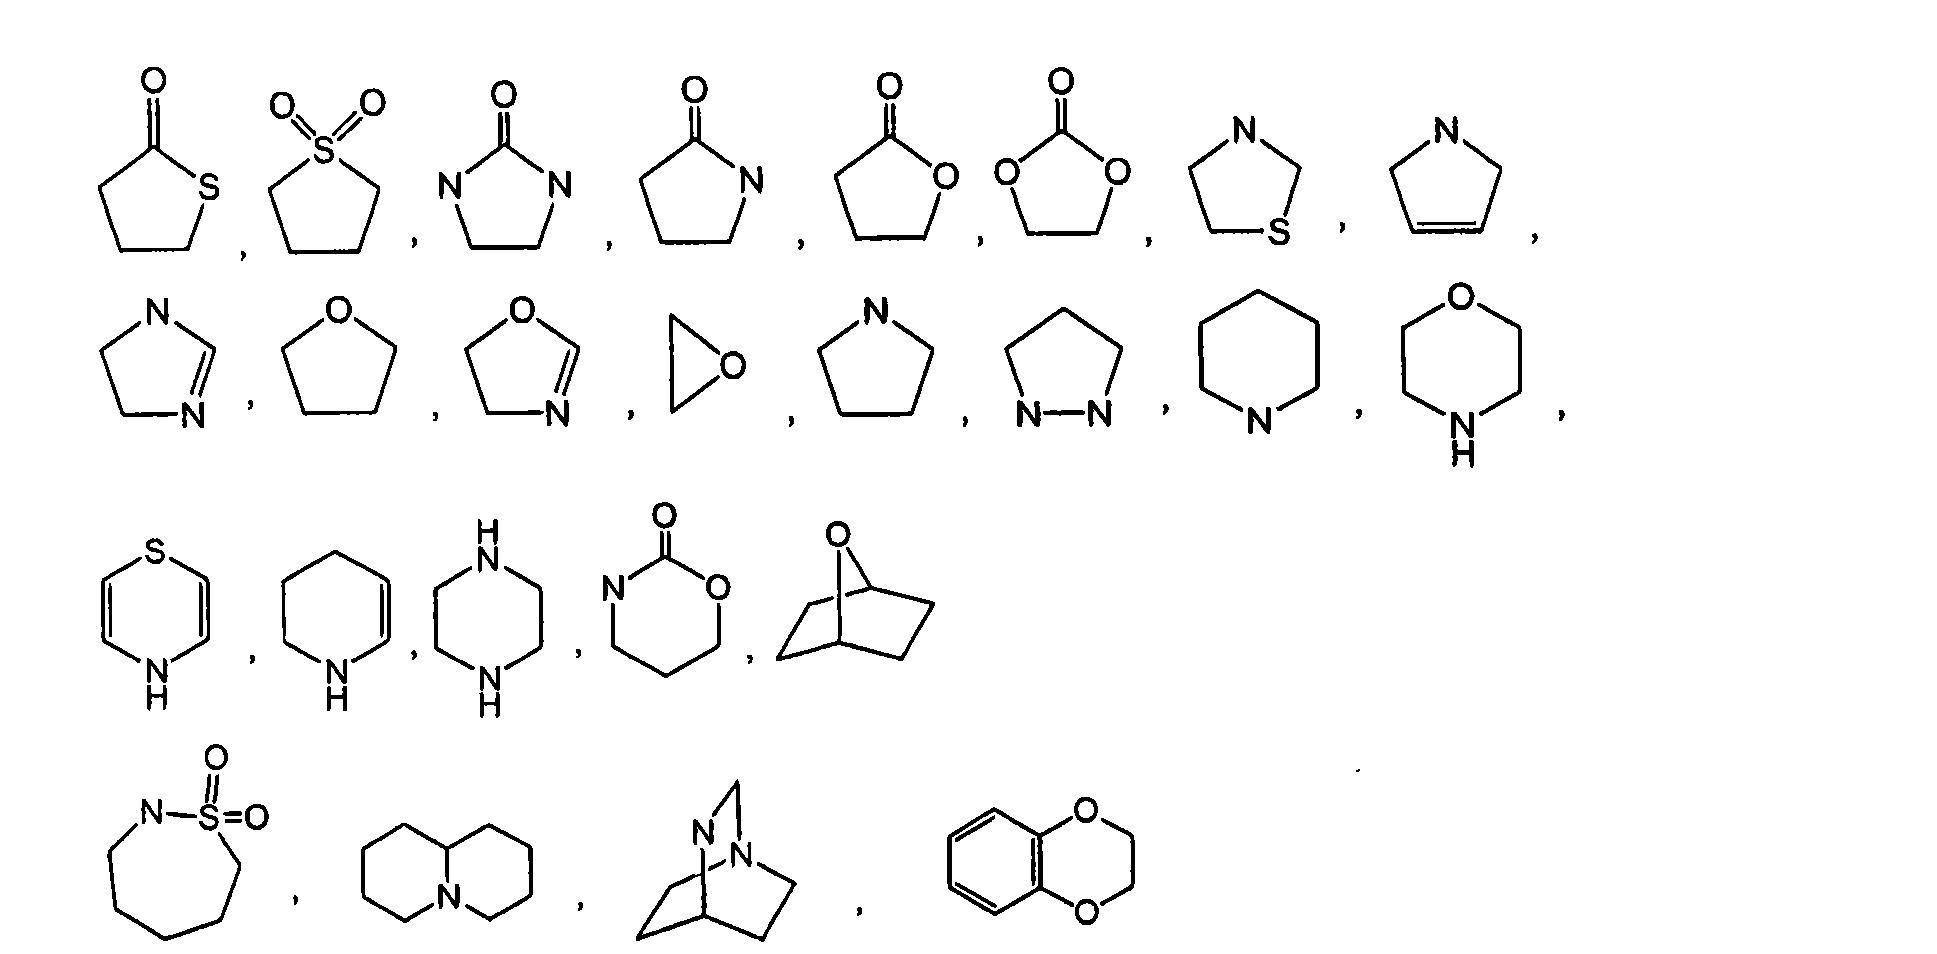 [0320] 市售的IH-吡唑并[3,4-d]嘧啶-4-胺的齒化,得到合成式(A)、式、式(C)和/或式(D)的化合物的入口。在一个实施方式中,用N-碘代琥珀酰亚胺处理IH-吡唑并[3,4-d]嘧啶-4-胺,得到3-碘-IH-吡唑并[3,4-d]嘧啶-4-胺。然后,3-碘-IH-吡唑并[3,4-d]嘧啶-4-胺进行金属催化交叉偶联反应。在一个实施方式中,适当取代的苯基硼酸在碱性条件下进行钯介导的交叉偶联,形成中间体2。中间体2通过Mitsunobu反应与N-Boc-3-羟基哌啶(作为非限制性实例)偶合,